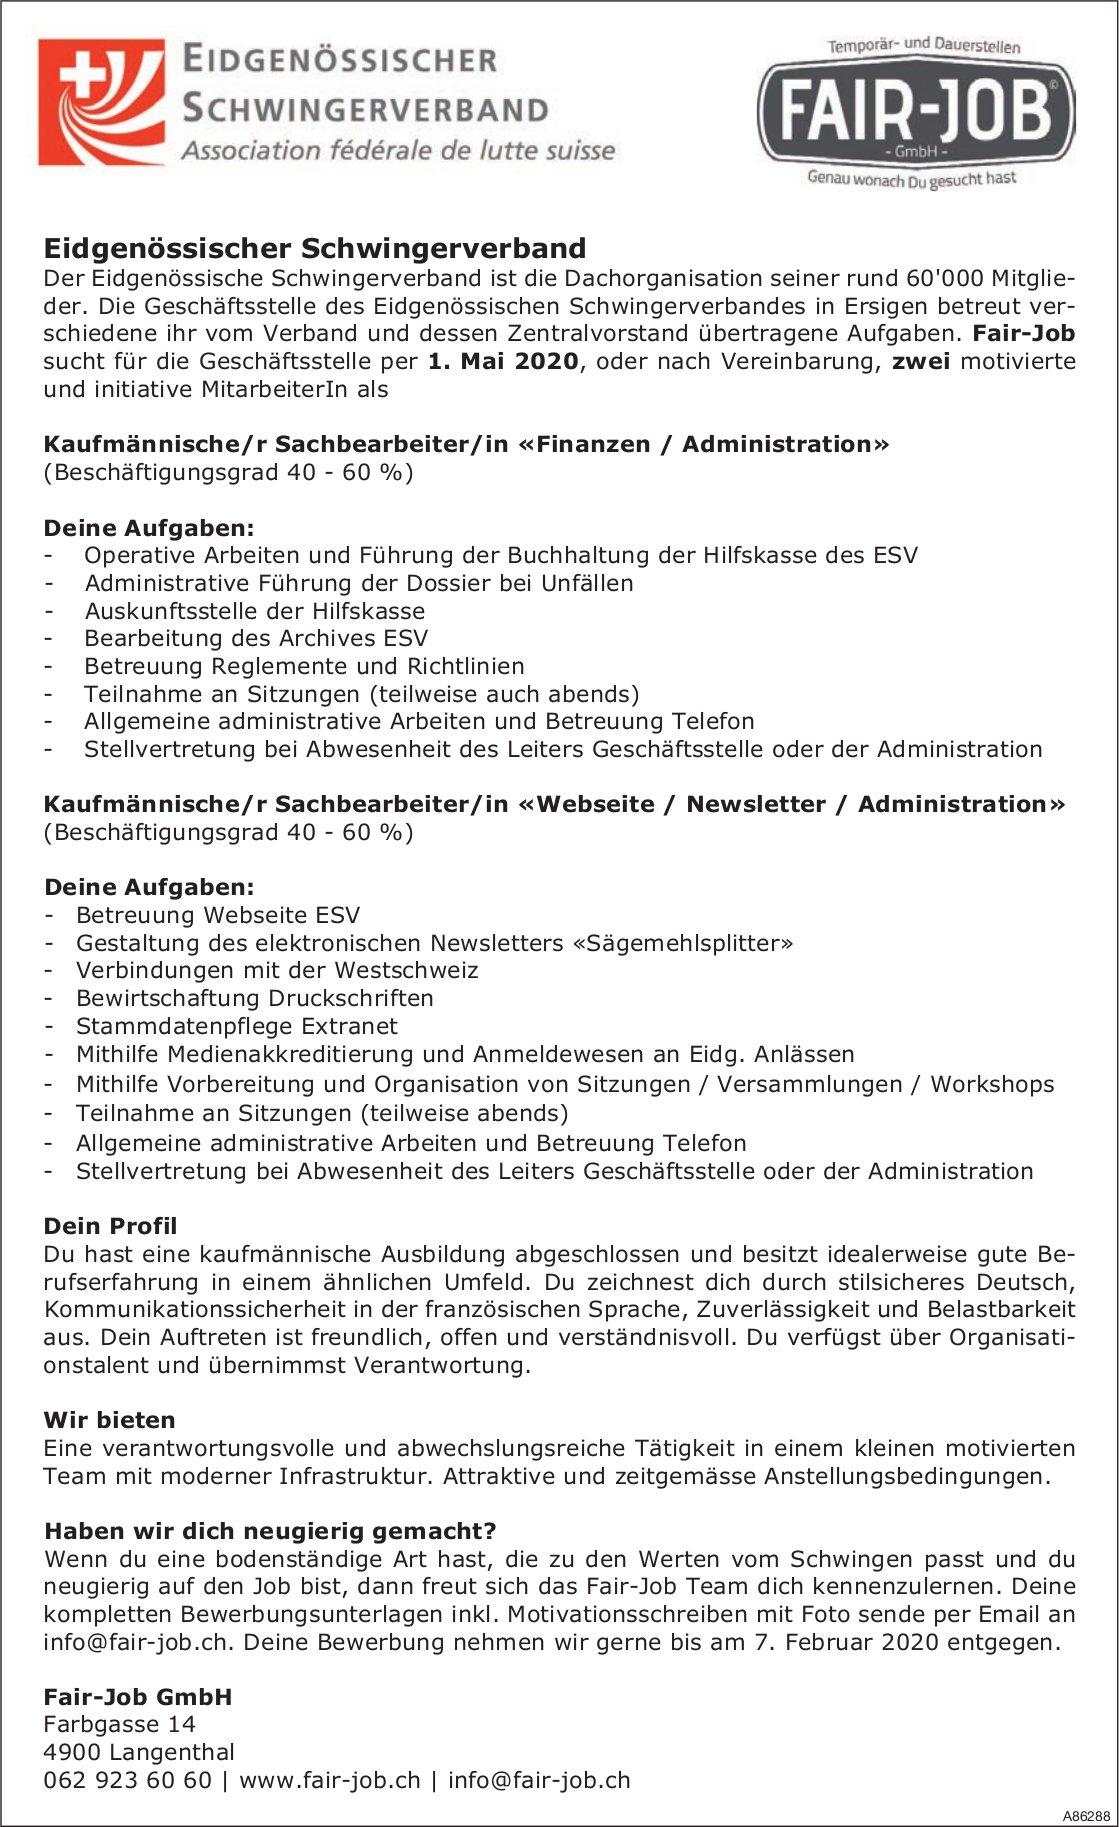 Kaufmännische/r Sachbearbeiter/in bei Fair-Job GmbH gesucht